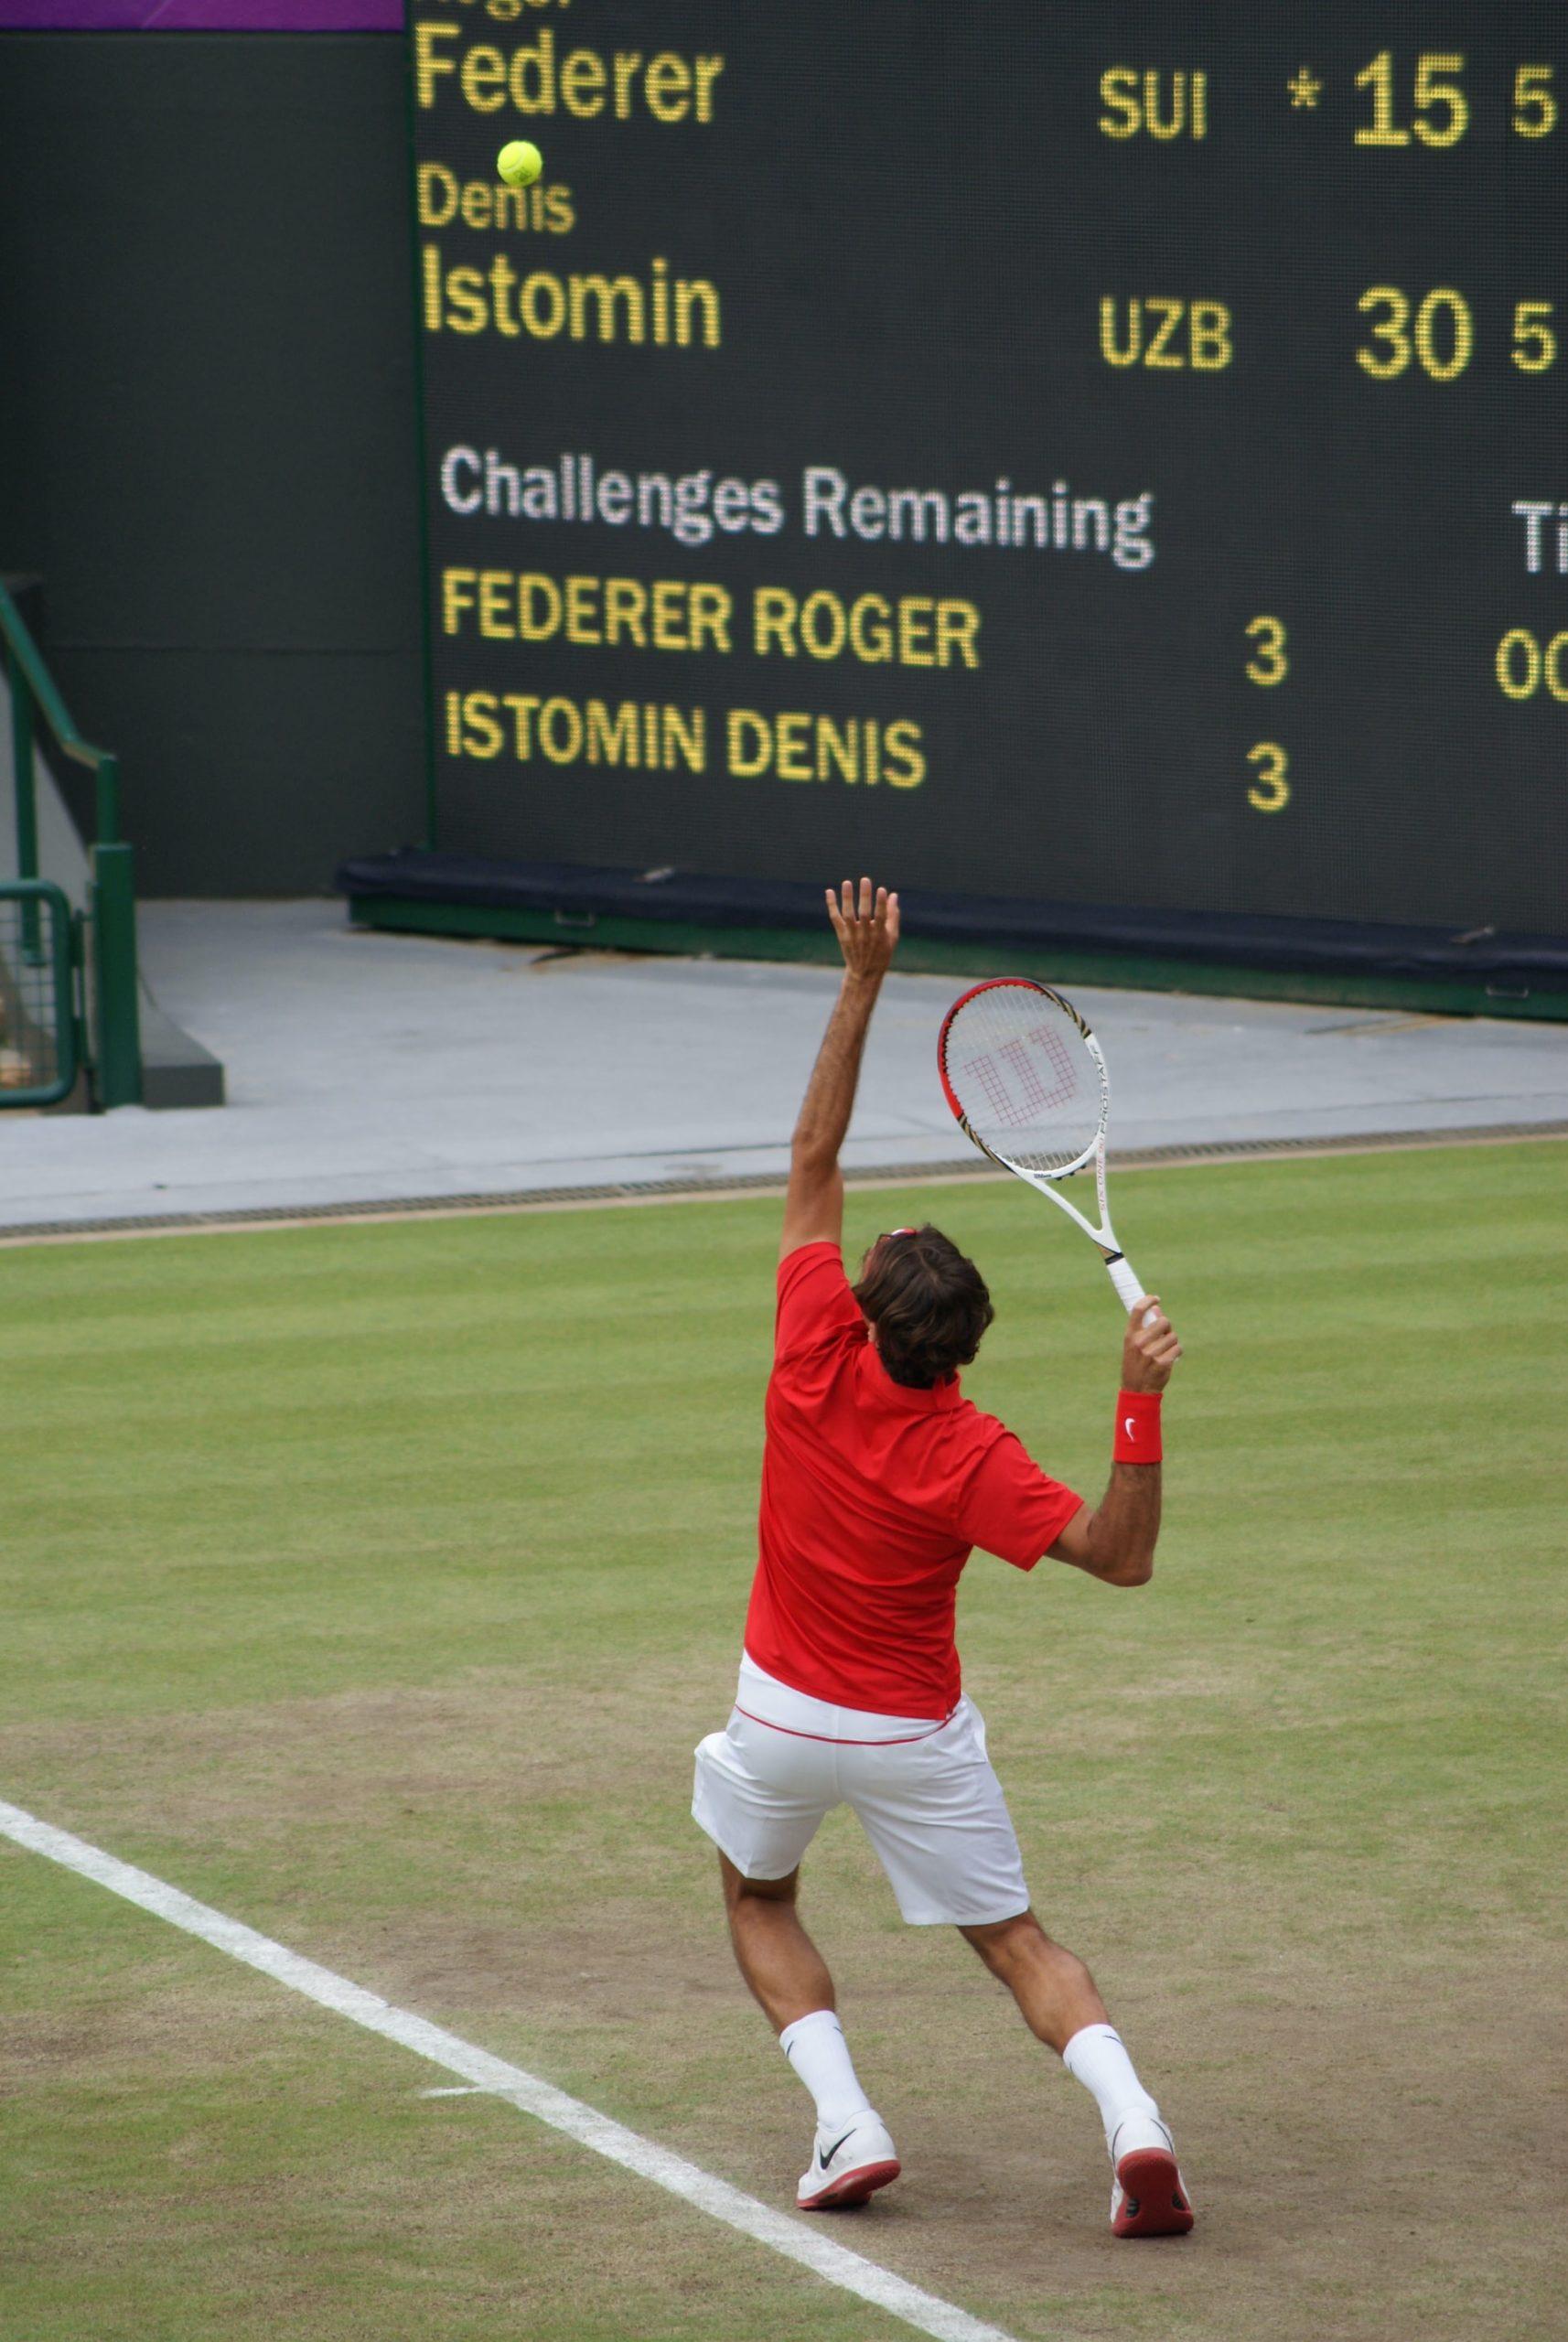 Michel Golay medecin du sport de l'équipe national Suisse de tennis